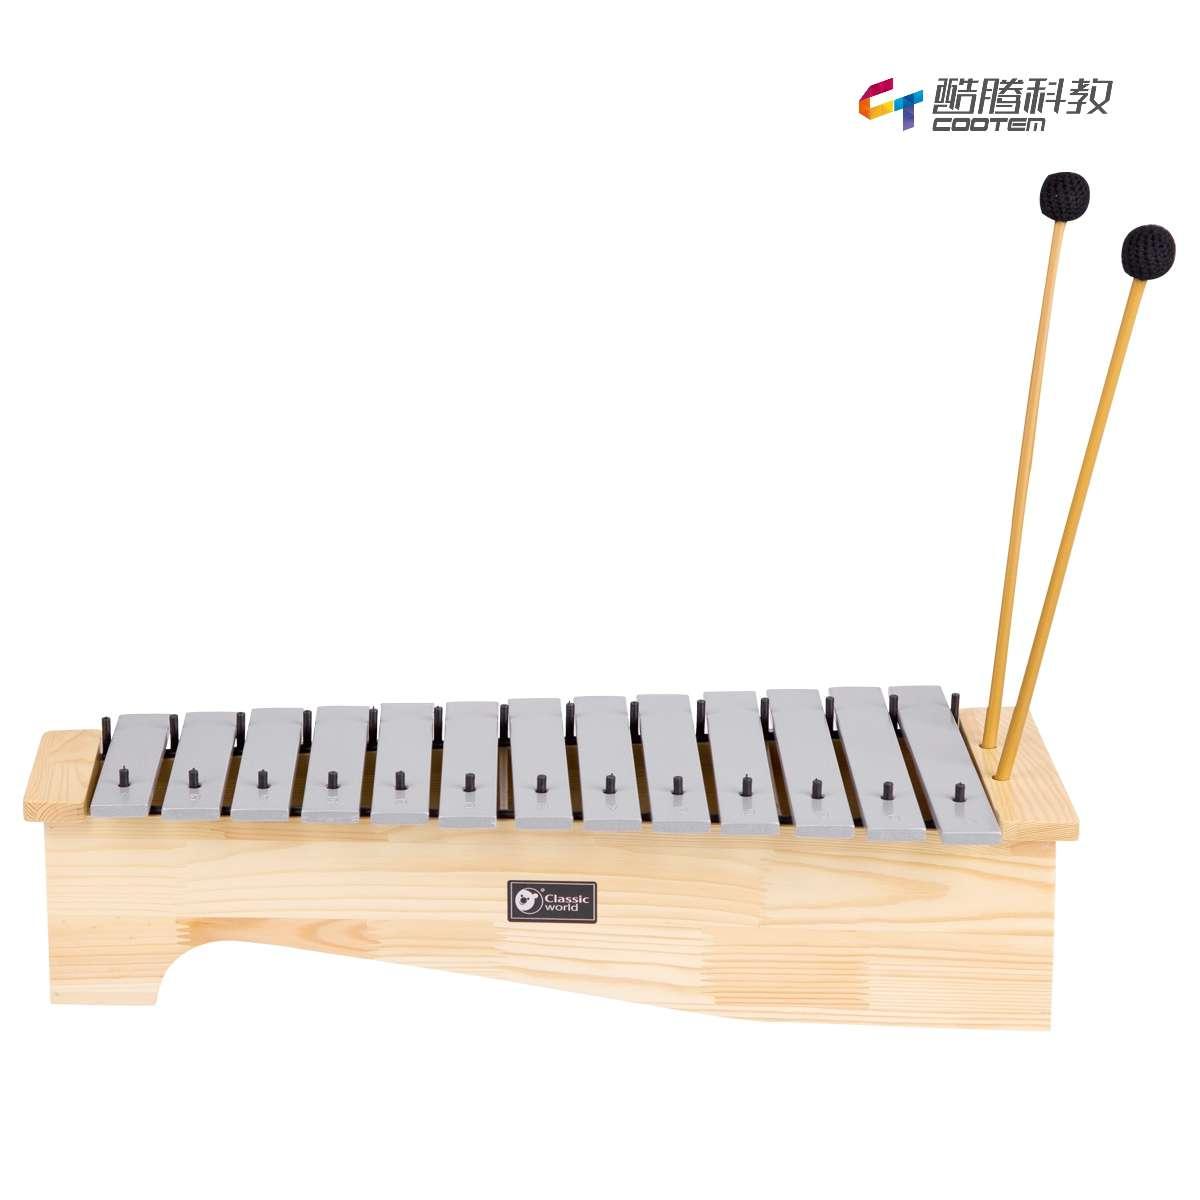 高音铝箱体琴C5-A6